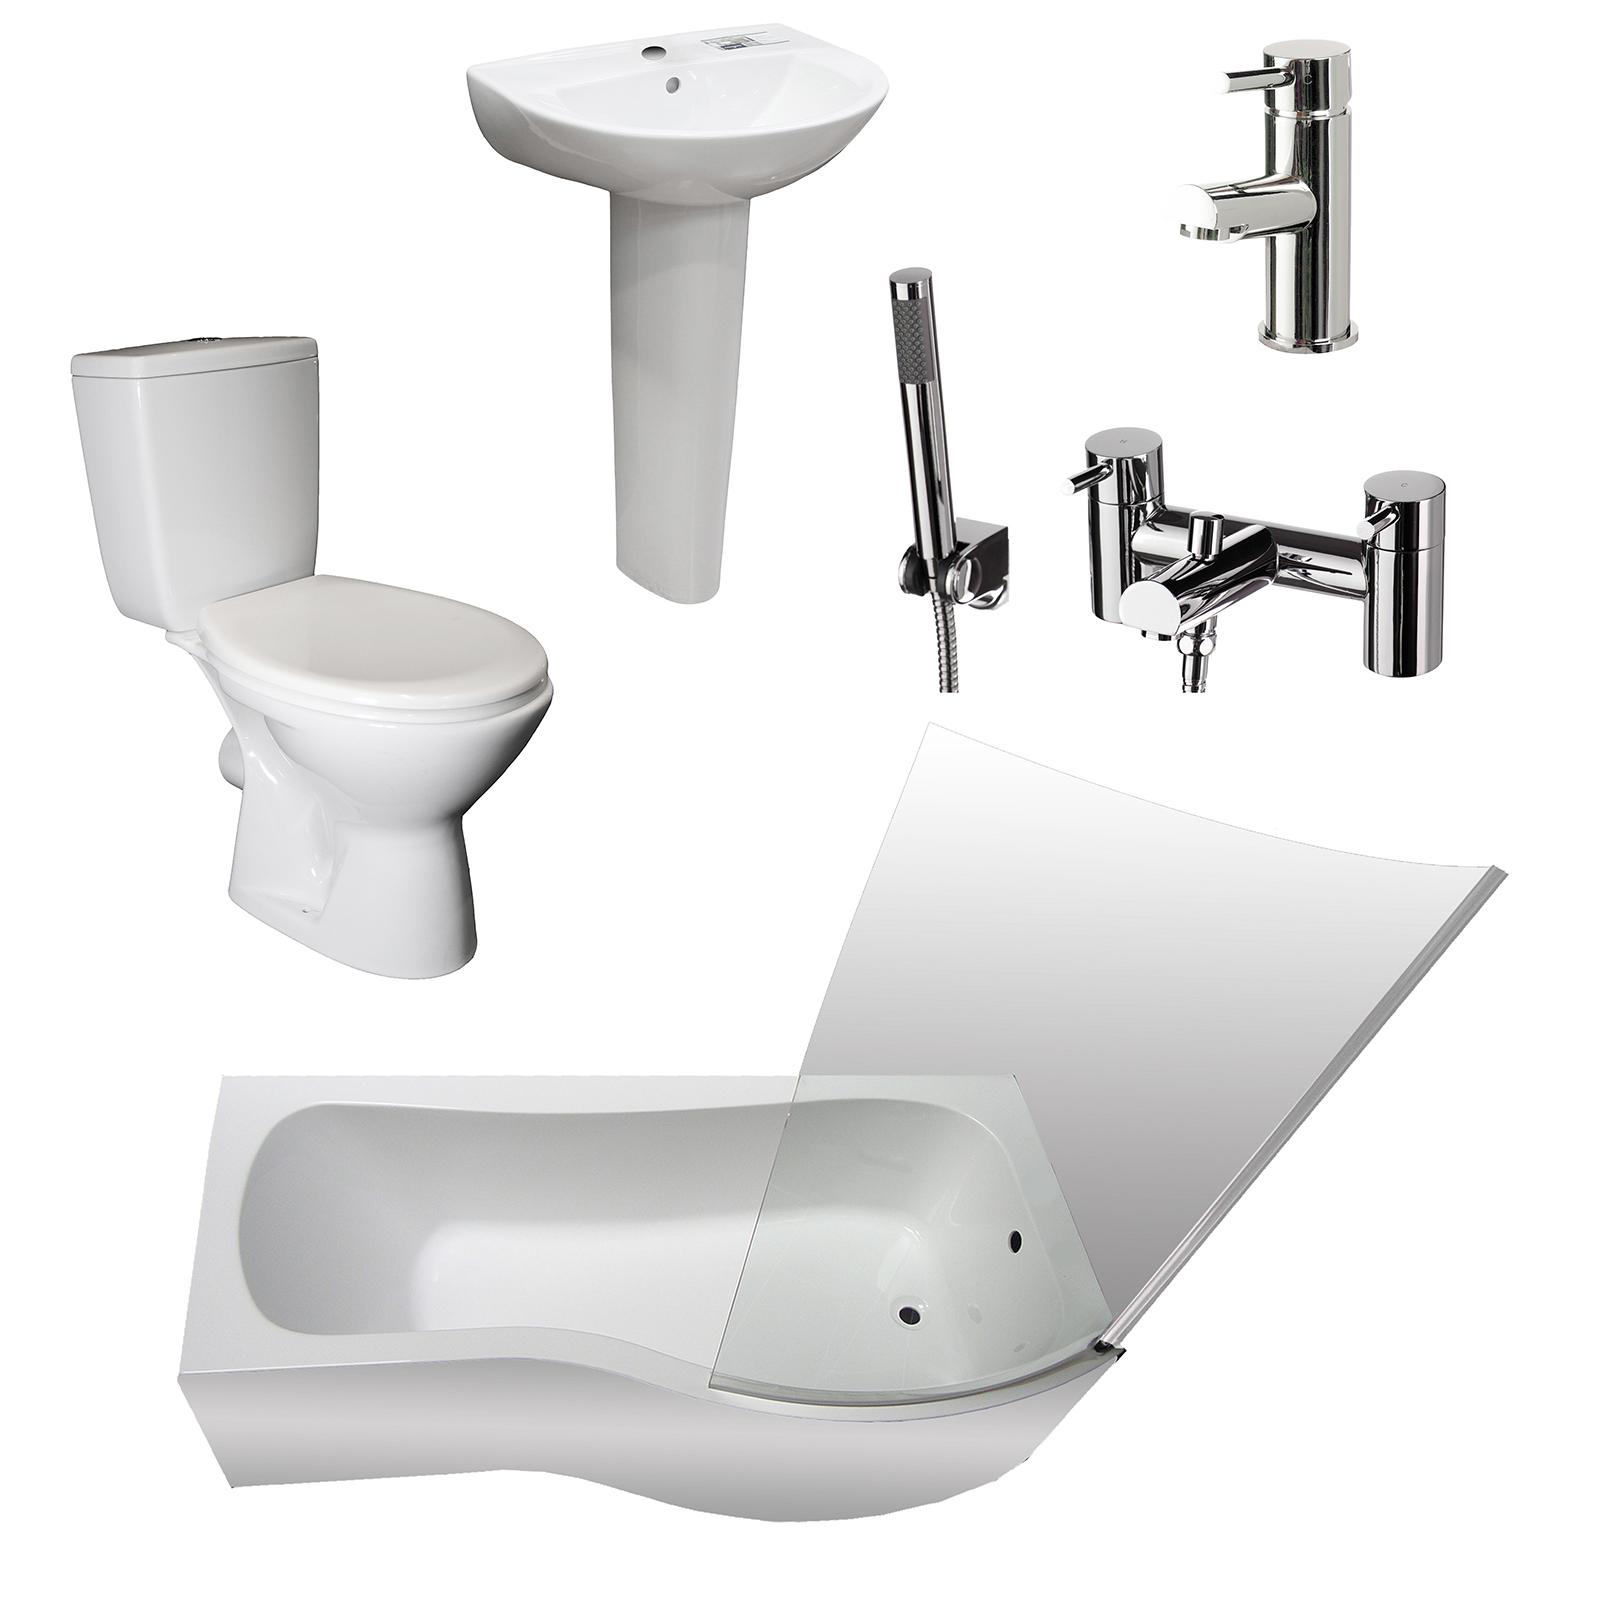 Tecaz bathroom suites - Affordable Allbits Plumbing Supplies Shower Bath Suites With P Shape Bathroom Suite